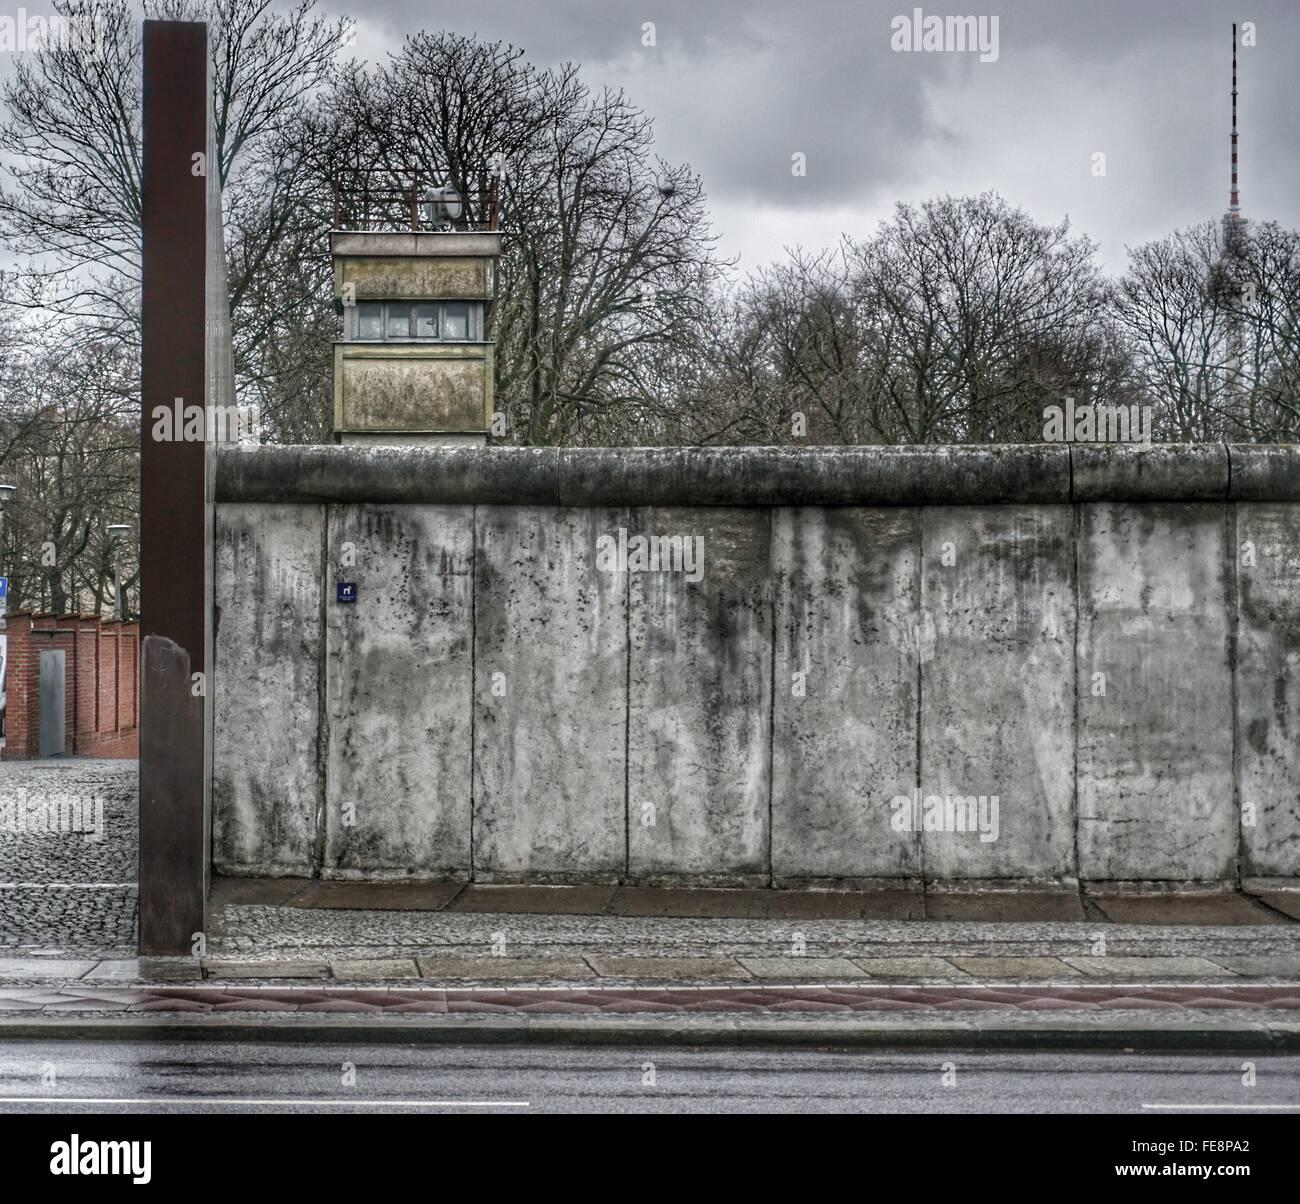 Restos del Muro de Berlín, Berlín, Alemania Imagen De Stock